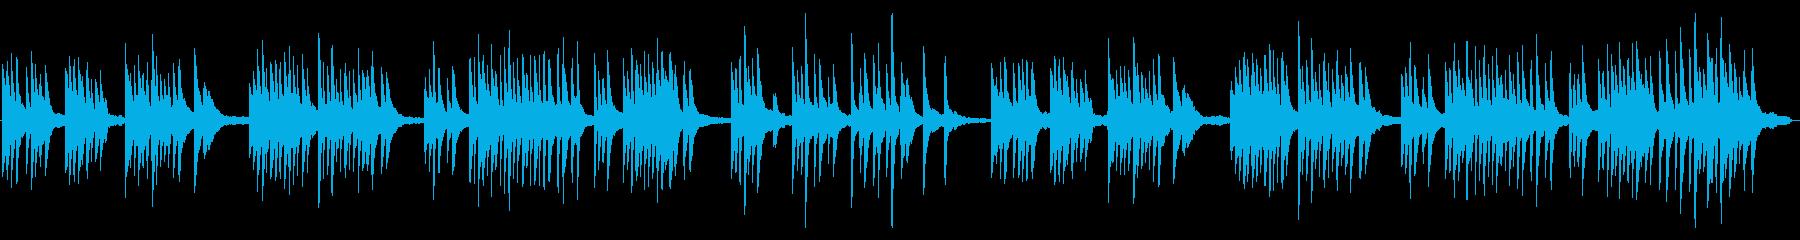 生ピアノの少しセンチメンタルな曲調の再生済みの波形